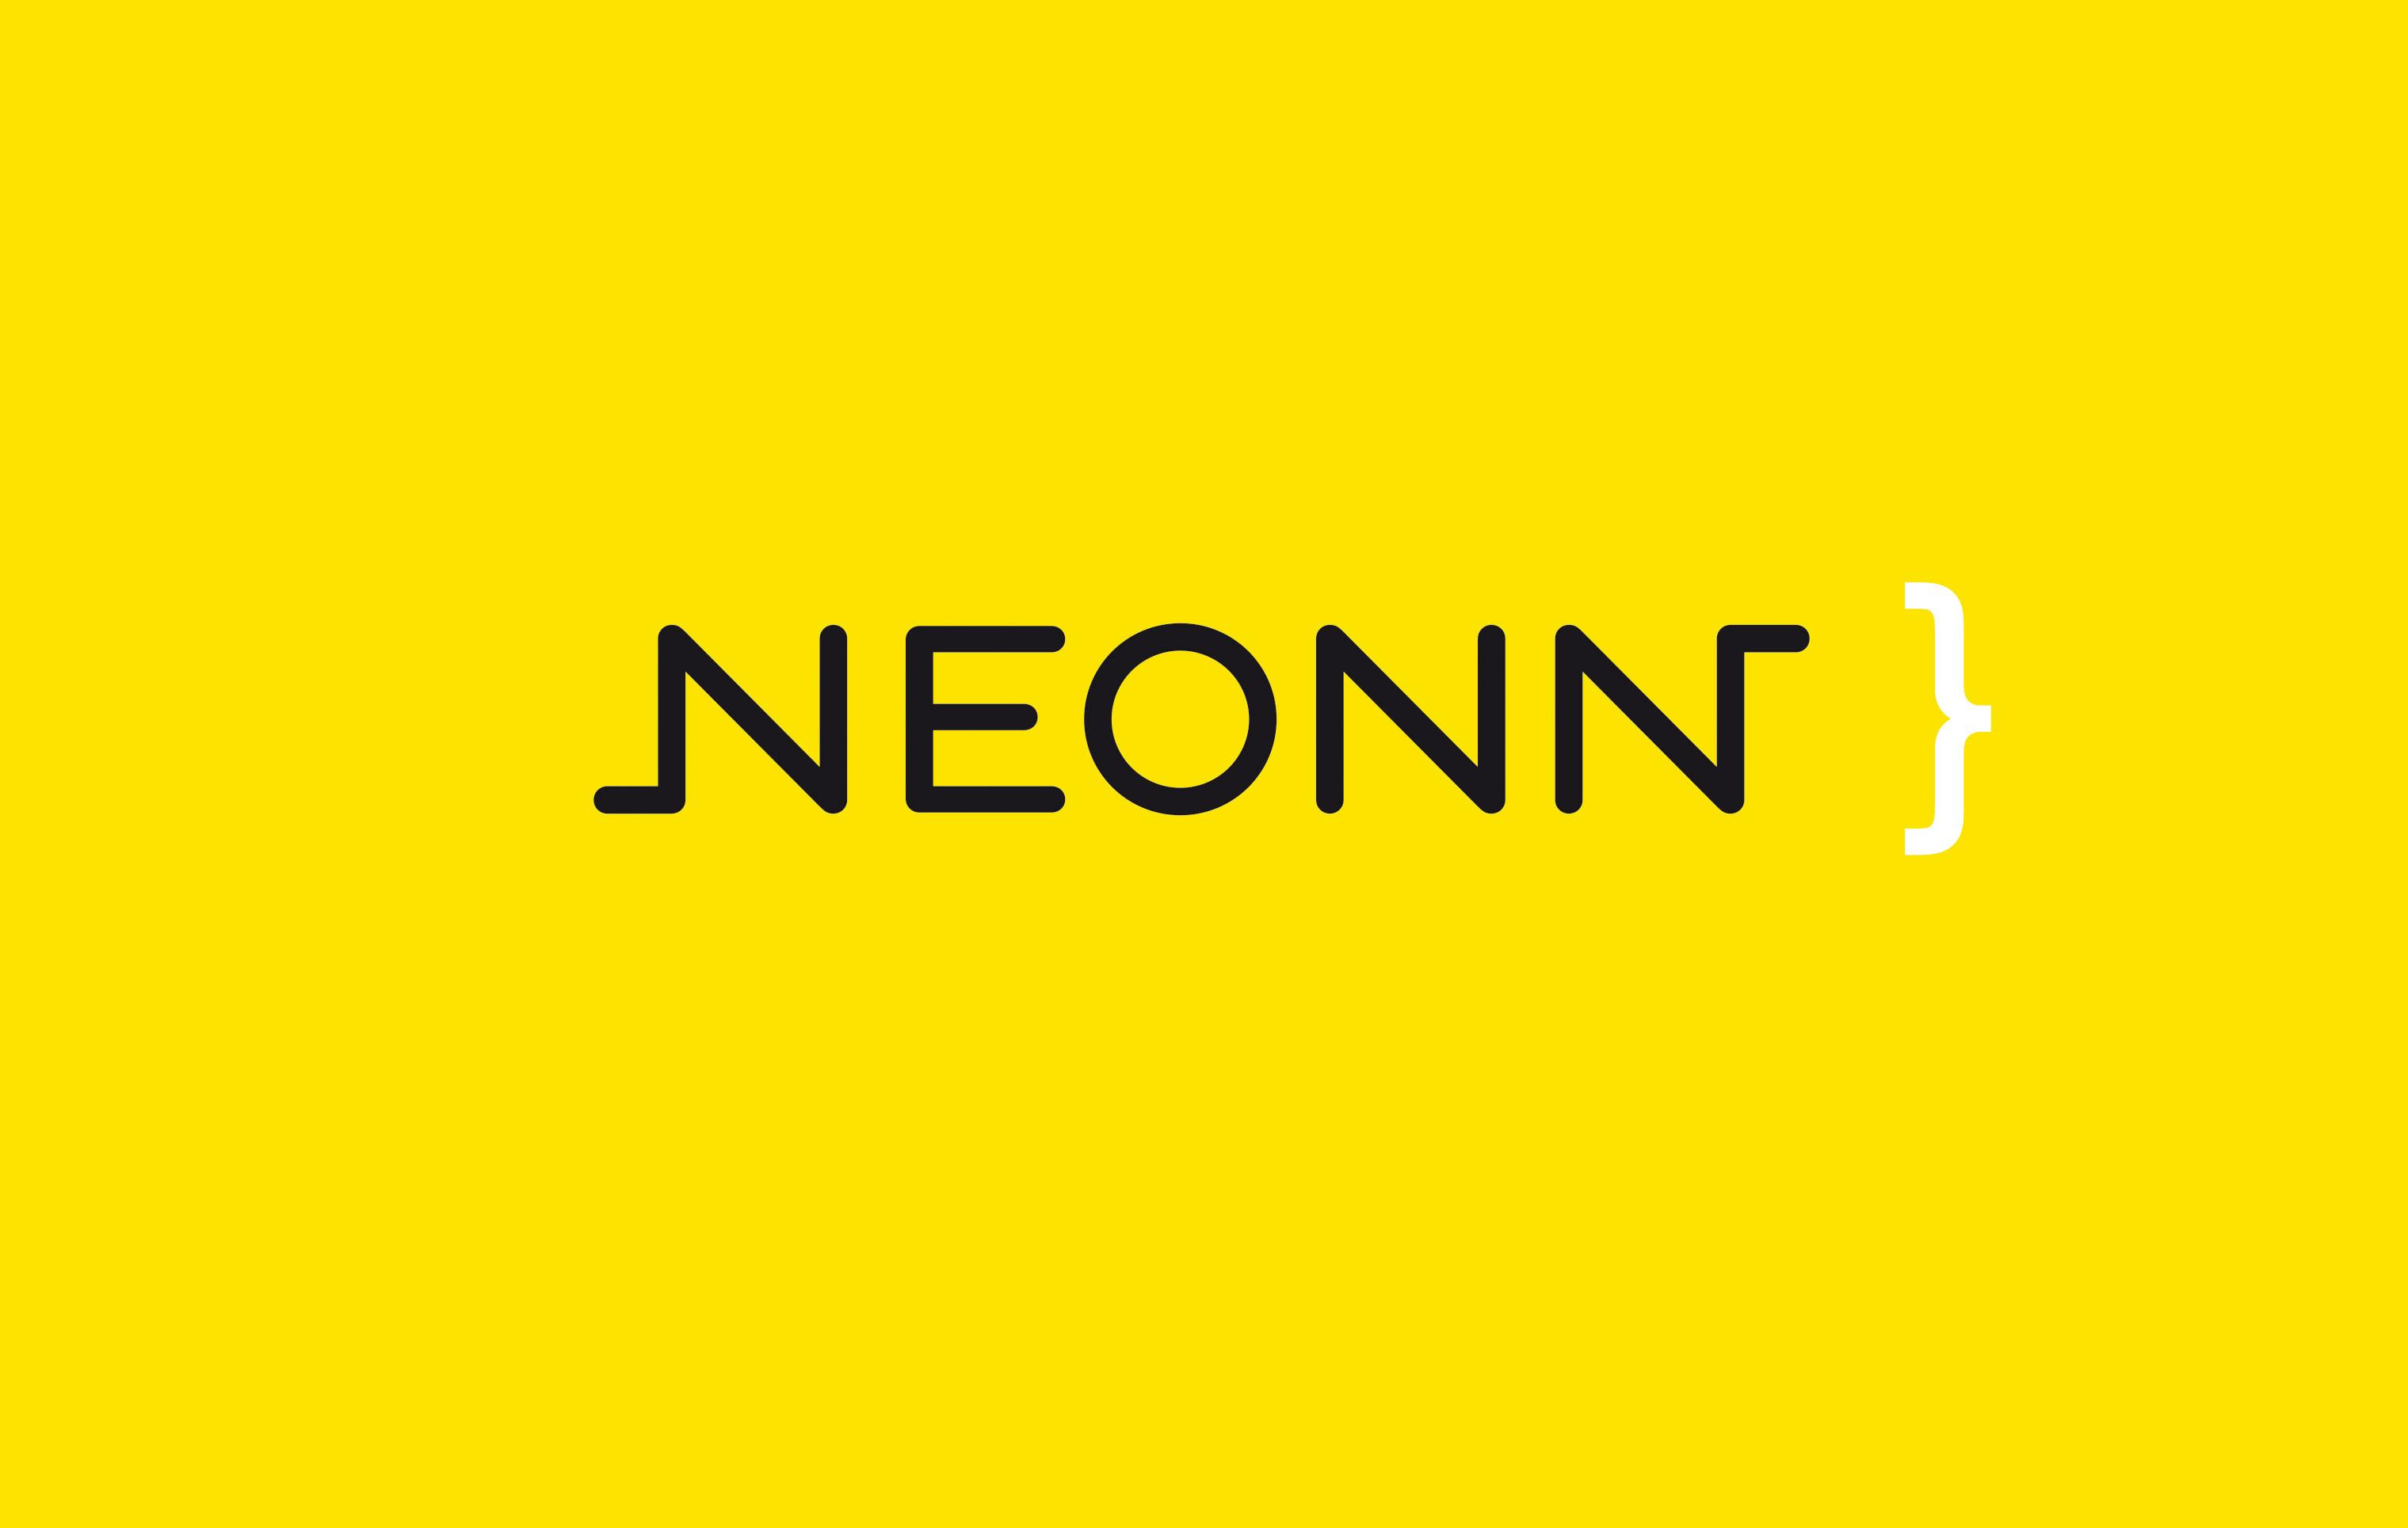 NEONN